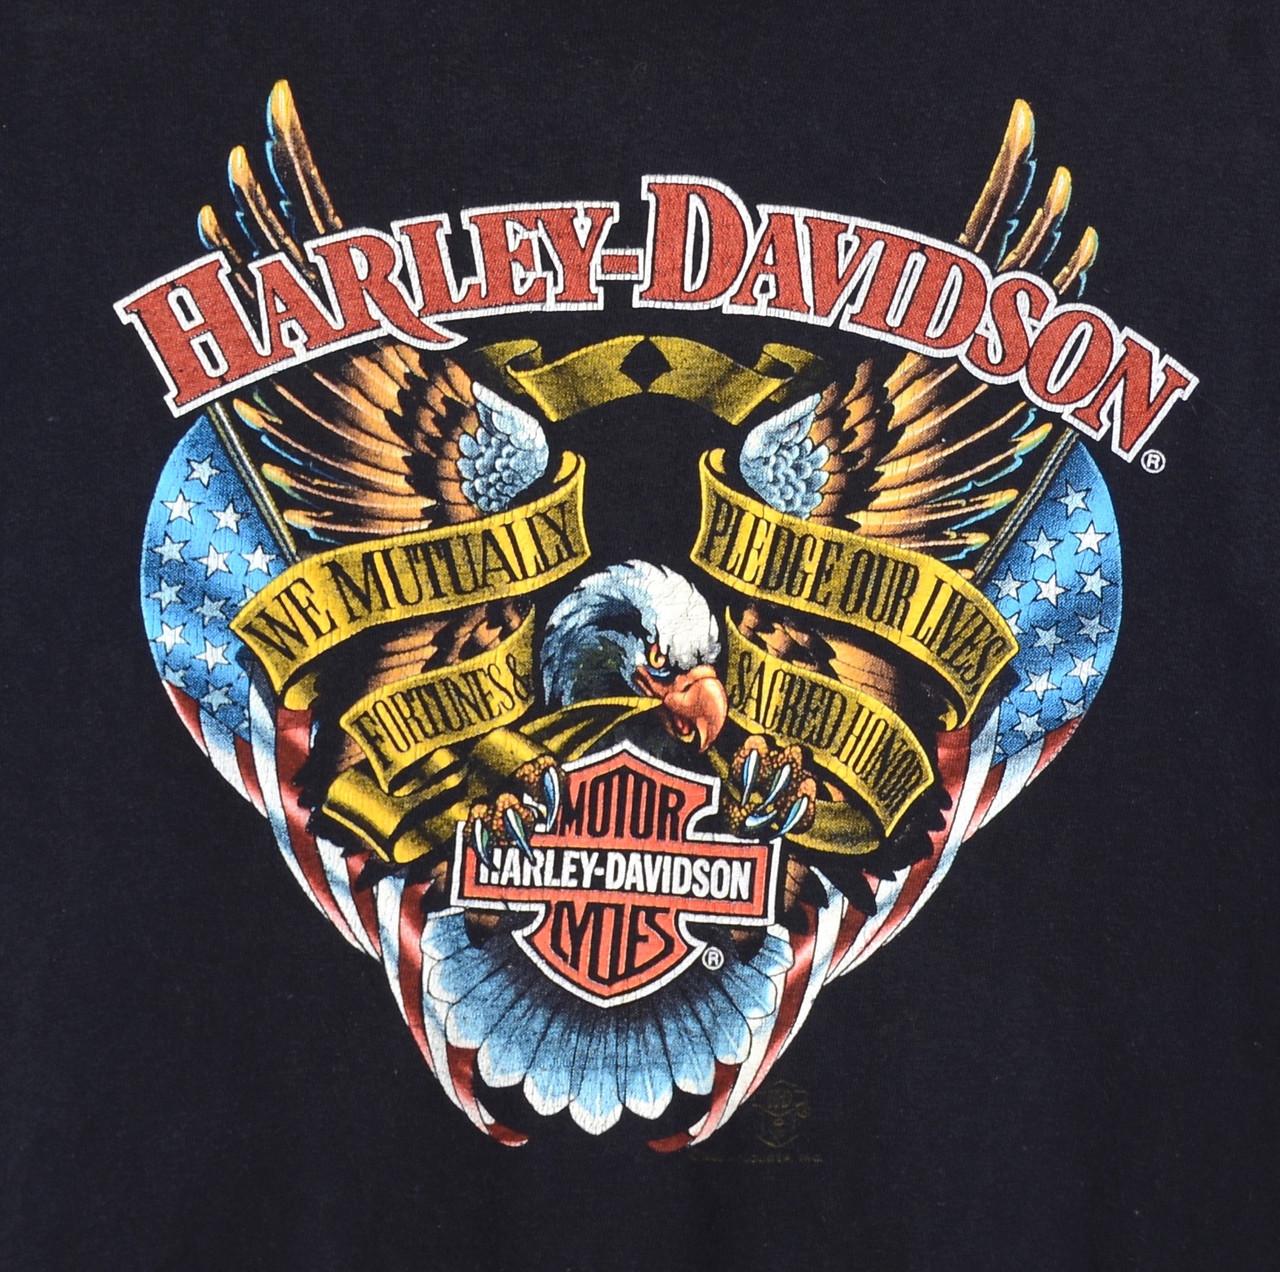 Harley Davidson T-shirt 1988 Ms